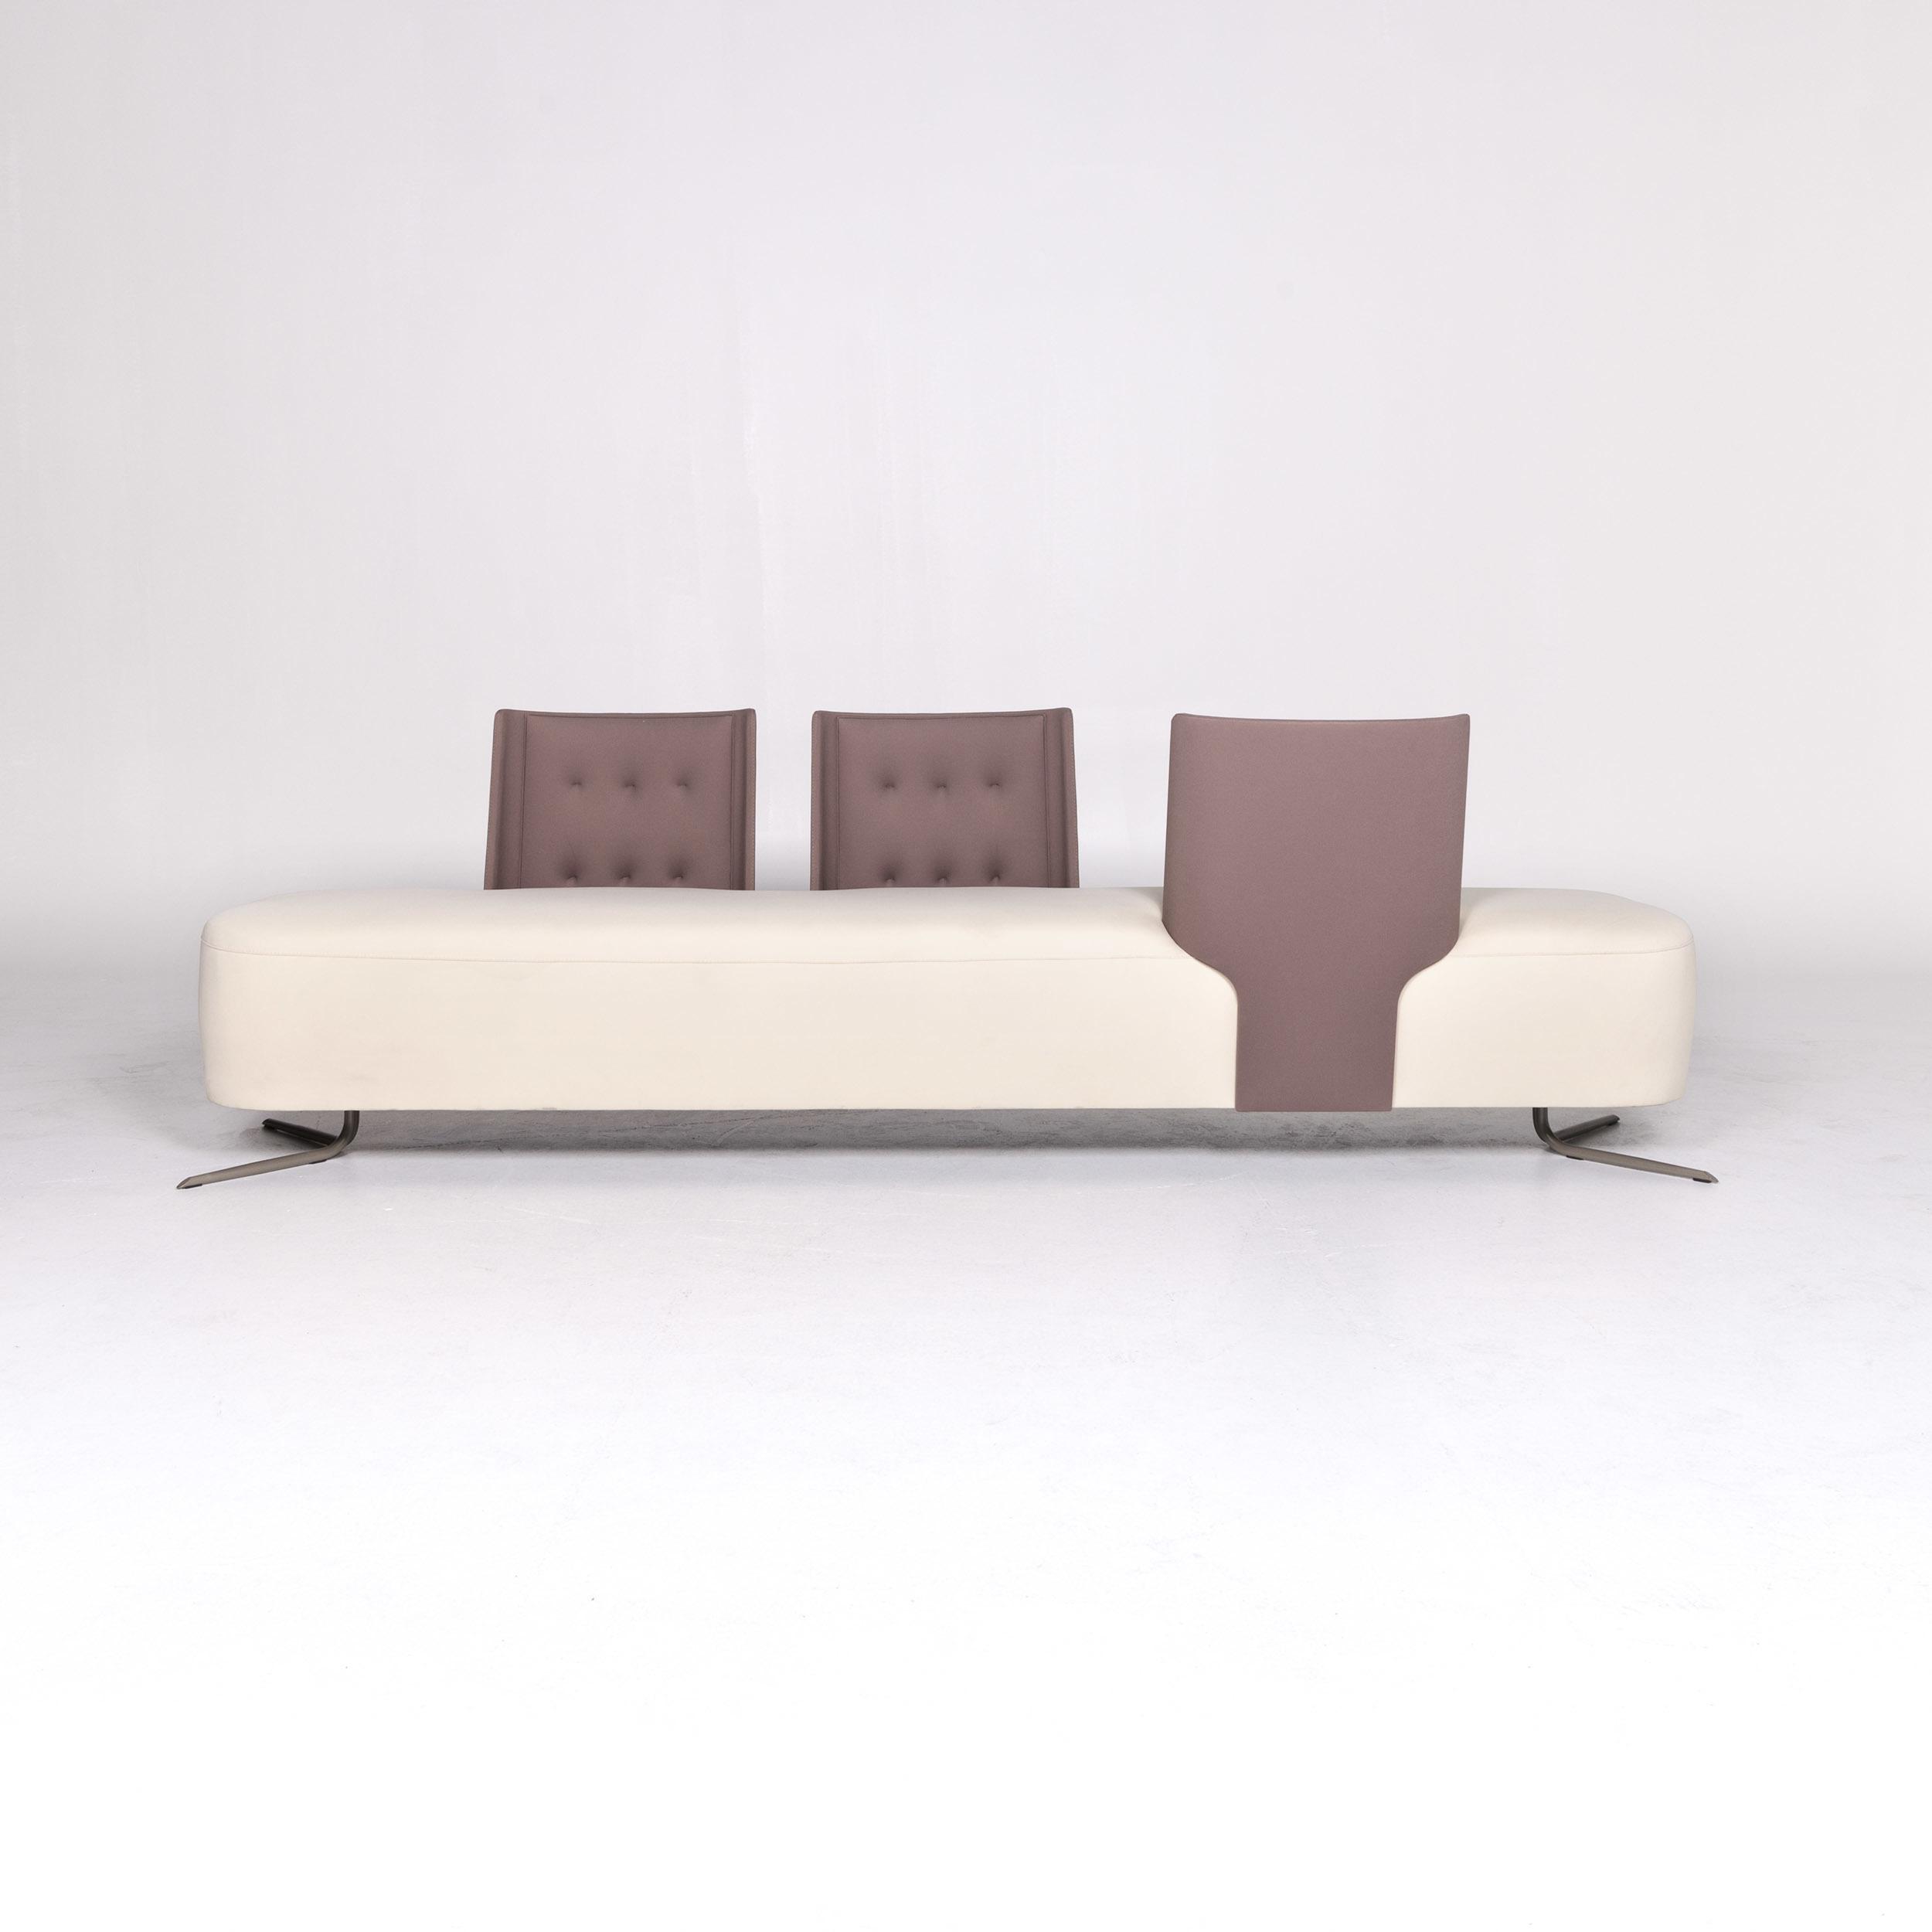 Estel Sofa Seater Couch8734 Pensi Cream Three Designer Fabric Jorge 6yYfb7g